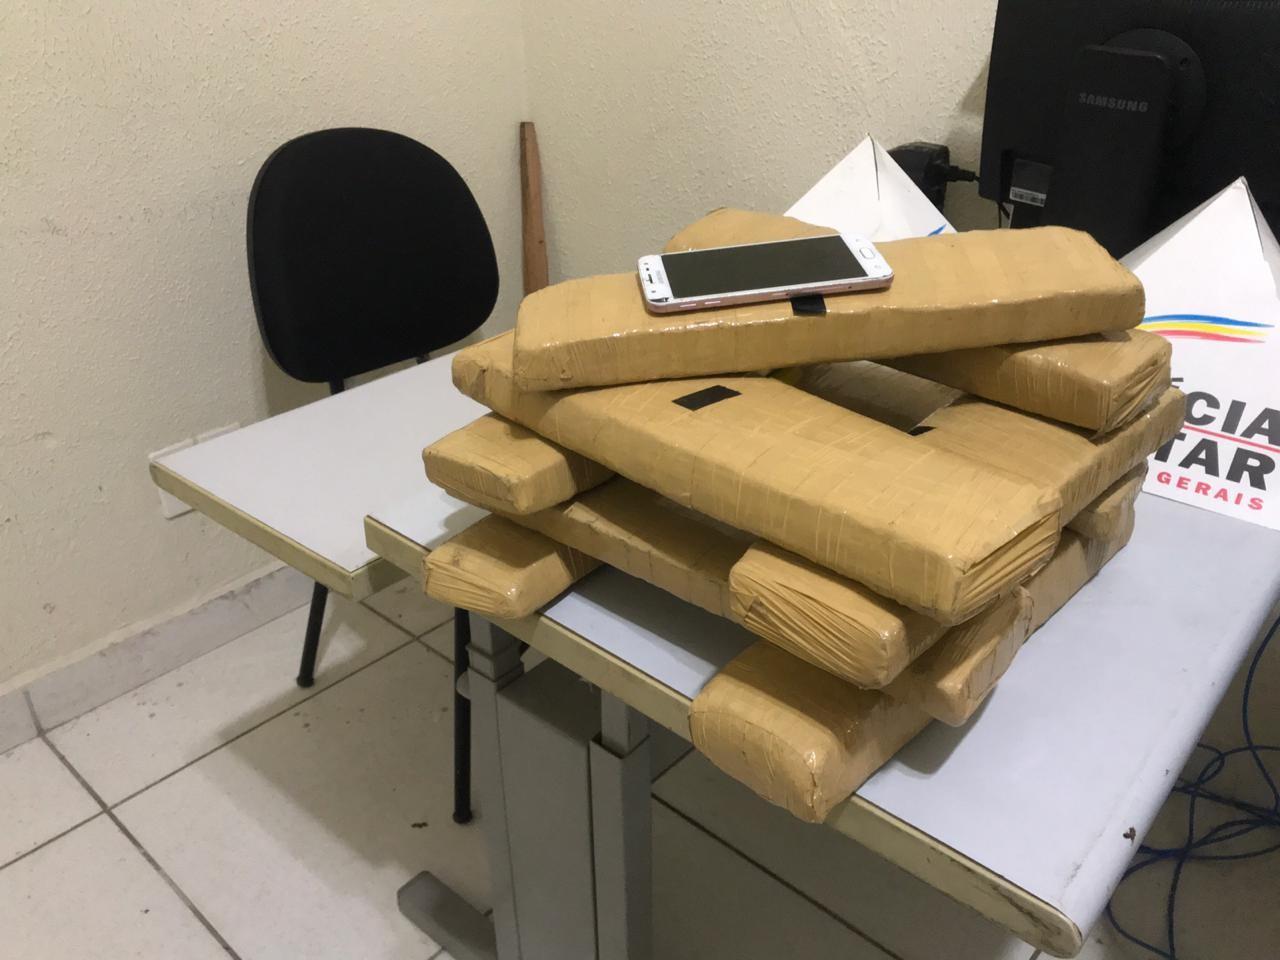 Mulher é presa com nove barras de maconha dentro de uma mala em Governador Valadares